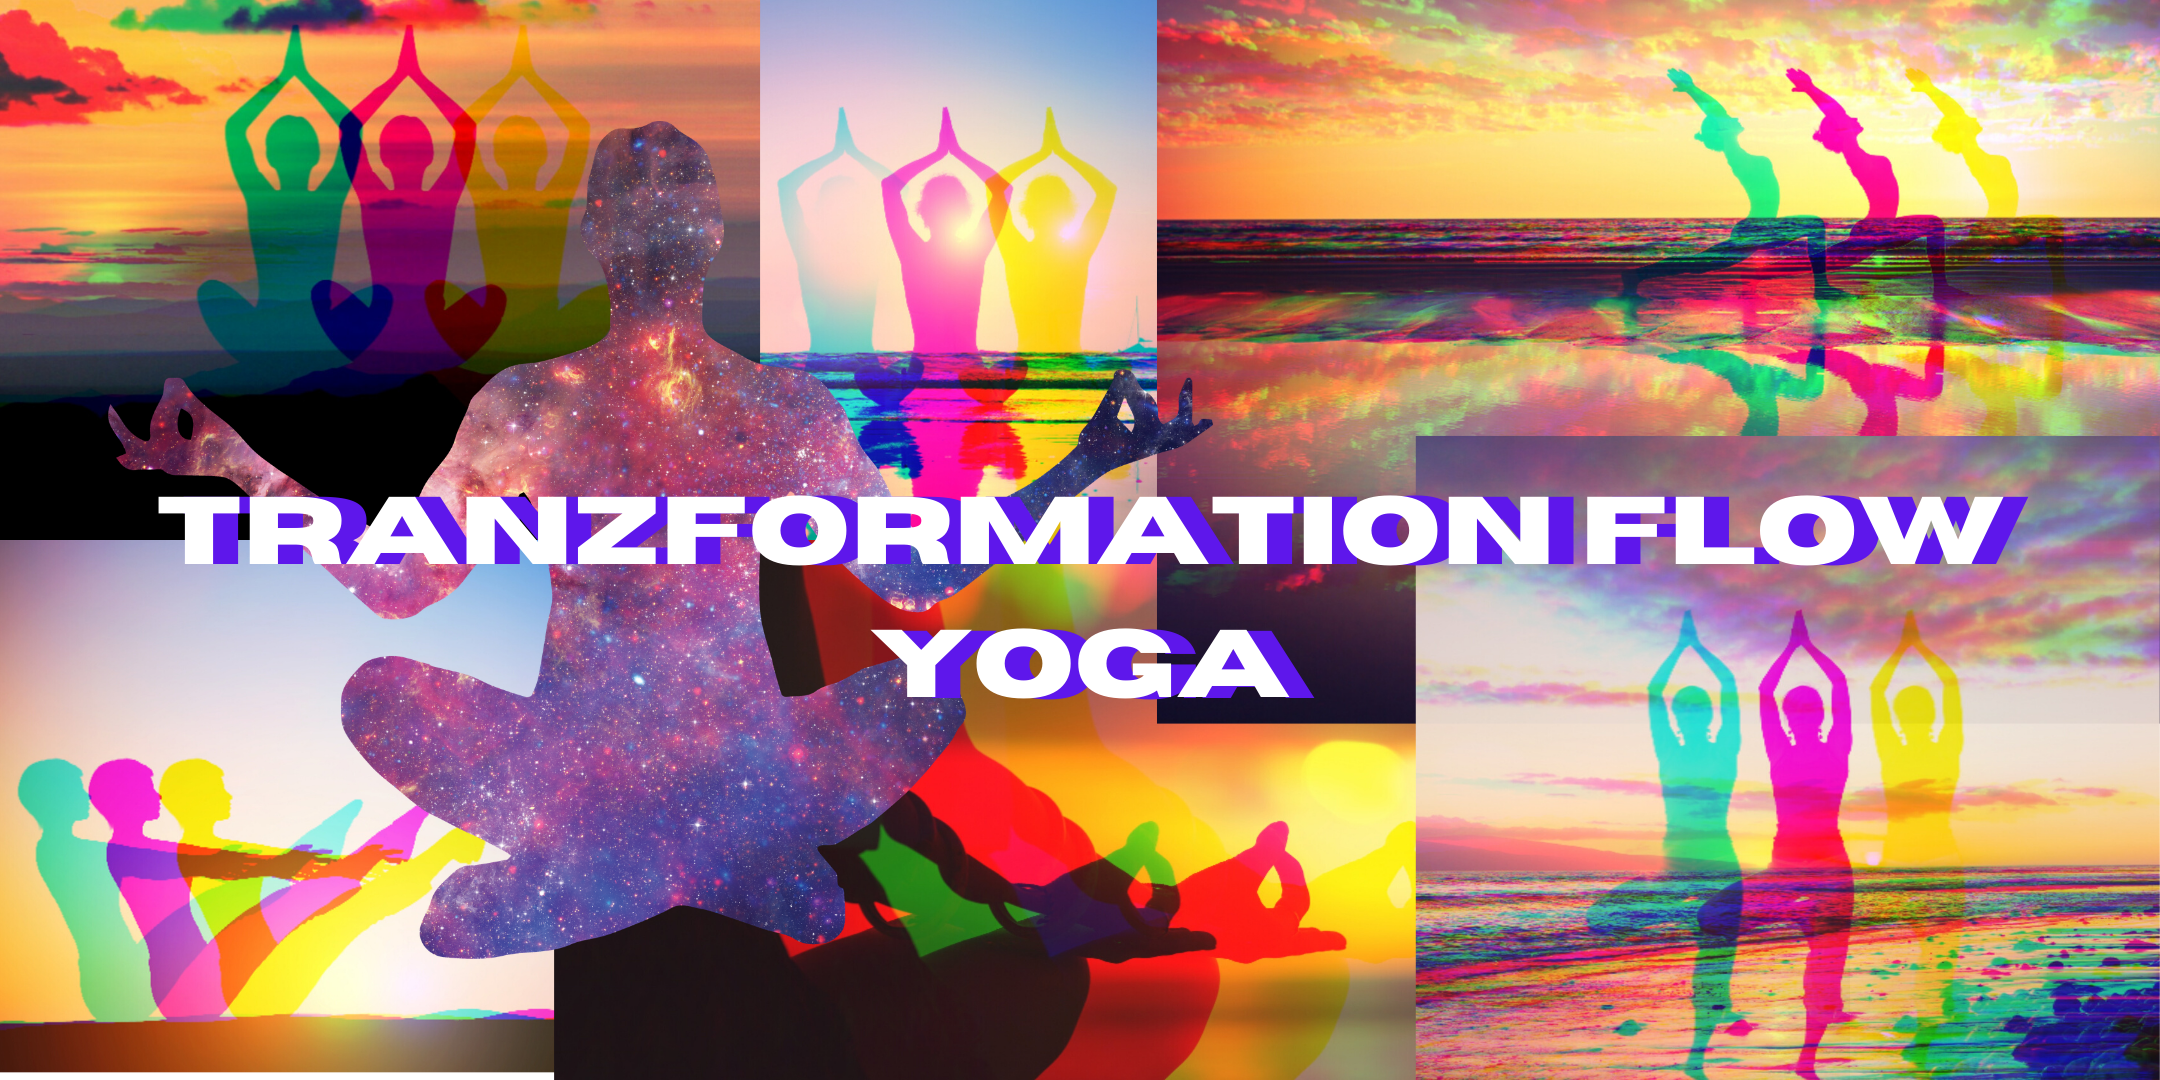 Tranzformation Flow Yoga